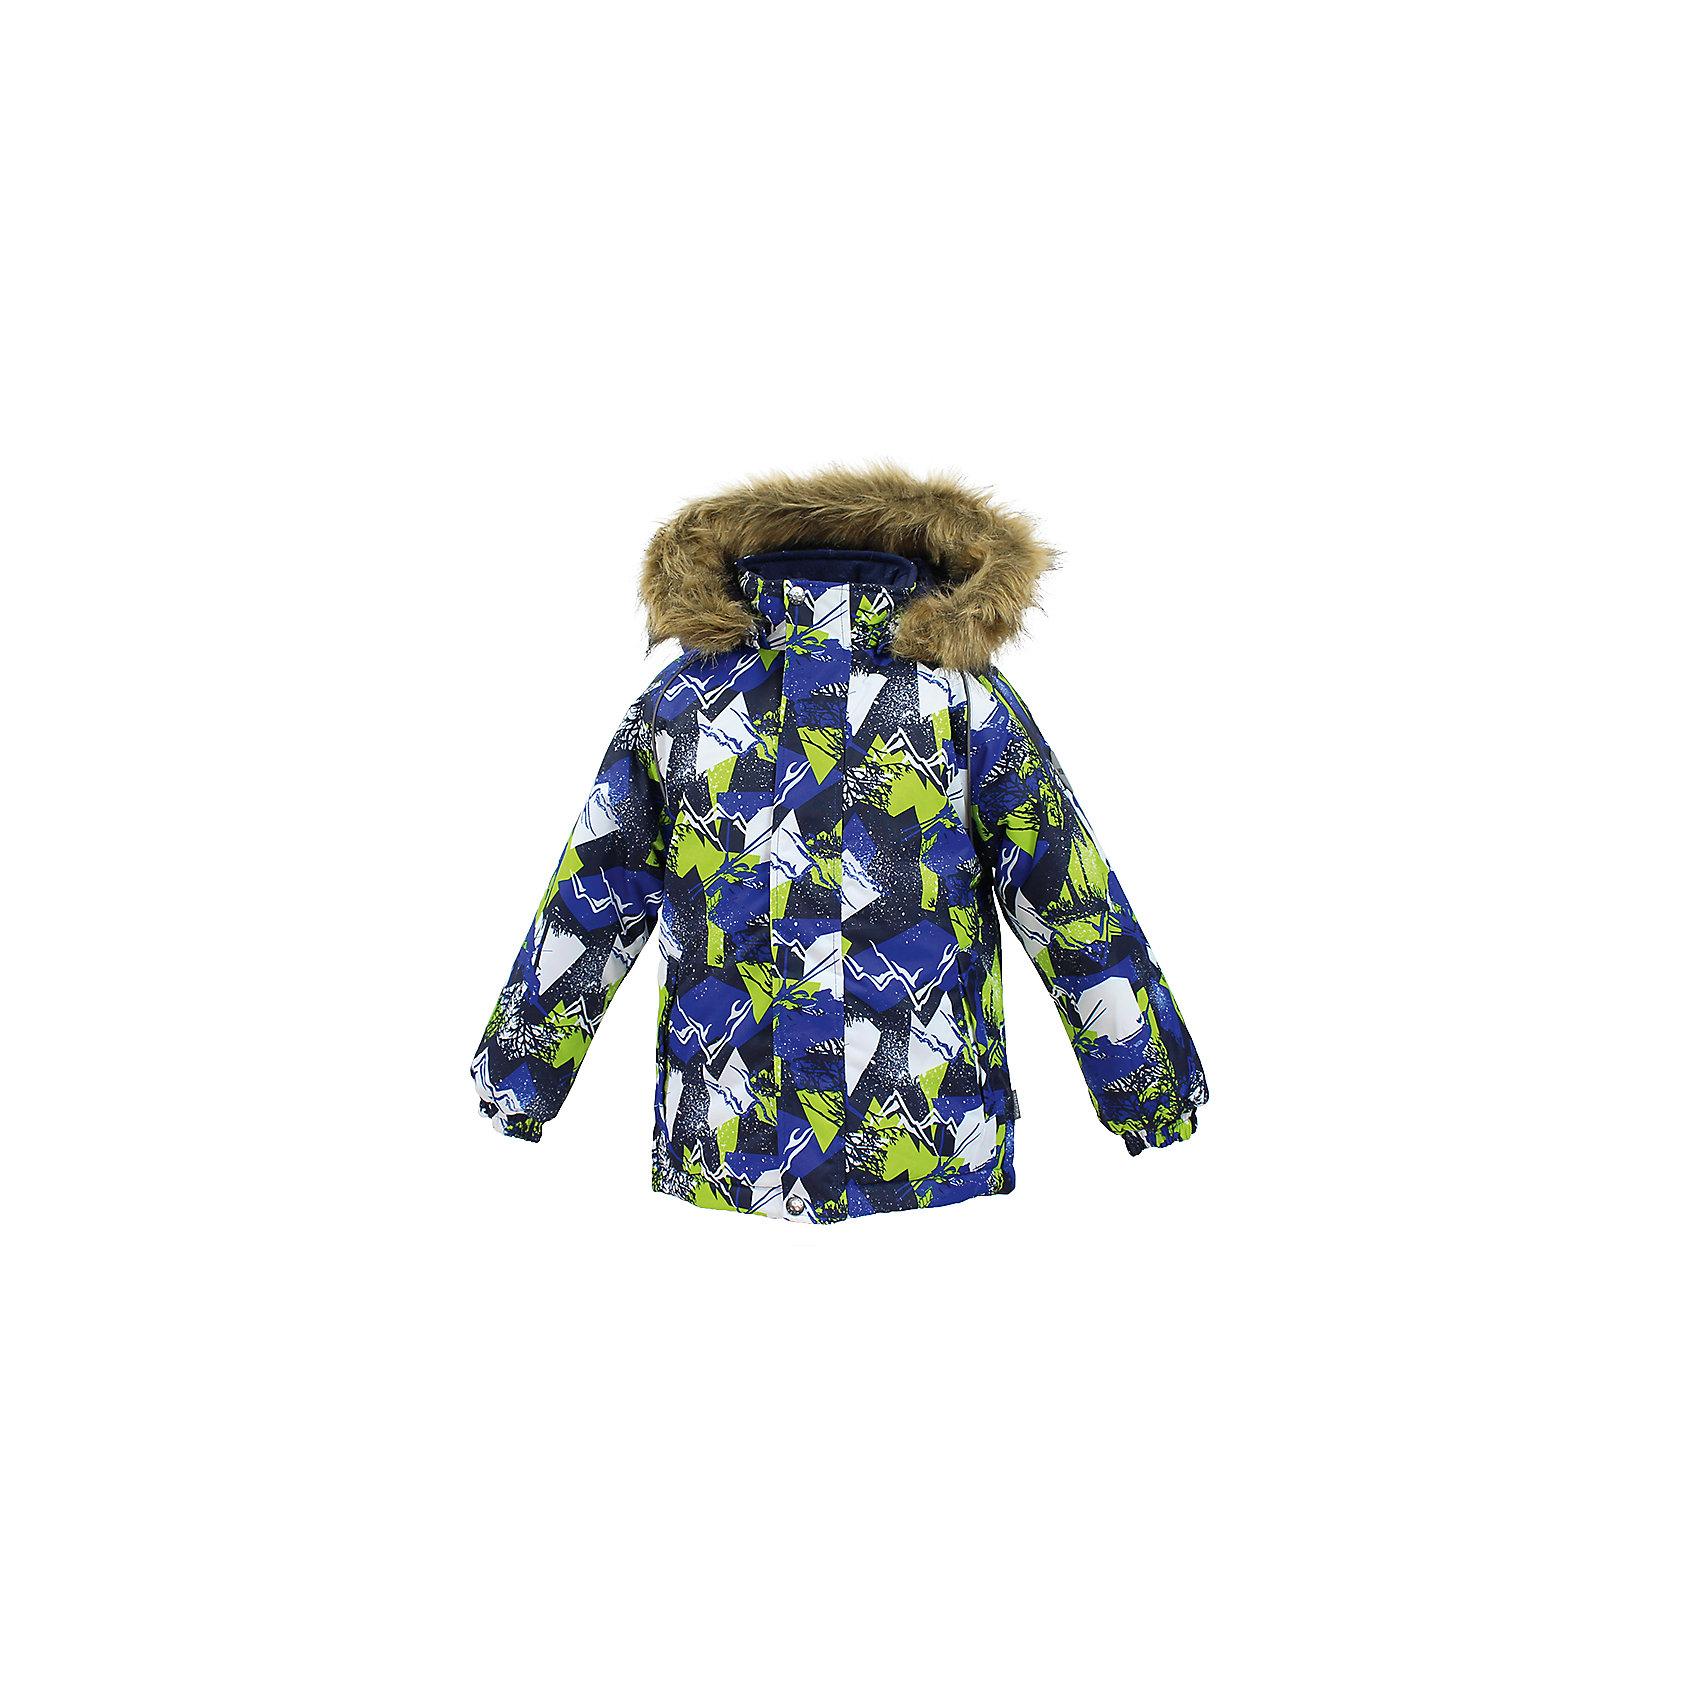 Куртка MARINEL HuppaВерхняя одежда<br>Куртка для детей MARINEL.Водо и воздухонепроницаемость 10 000. Утеплитель 300 гр. Подкладка тафта, флис 100% полиэстер. Отстегивающийся капюшон с мехом. Манжеты рукавов на резинке. Имеются светоотражательные детали.<br>Состав:<br>100% Полиэстер<br><br>Ширина мм: 356<br>Глубина мм: 10<br>Высота мм: 245<br>Вес г: 519<br>Цвет: синий<br>Возраст от месяцев: 108<br>Возраст до месяцев: 120<br>Пол: Унисекс<br>Возраст: Детский<br>Размер: 140,110,116,122,128,134<br>SKU: 7027365